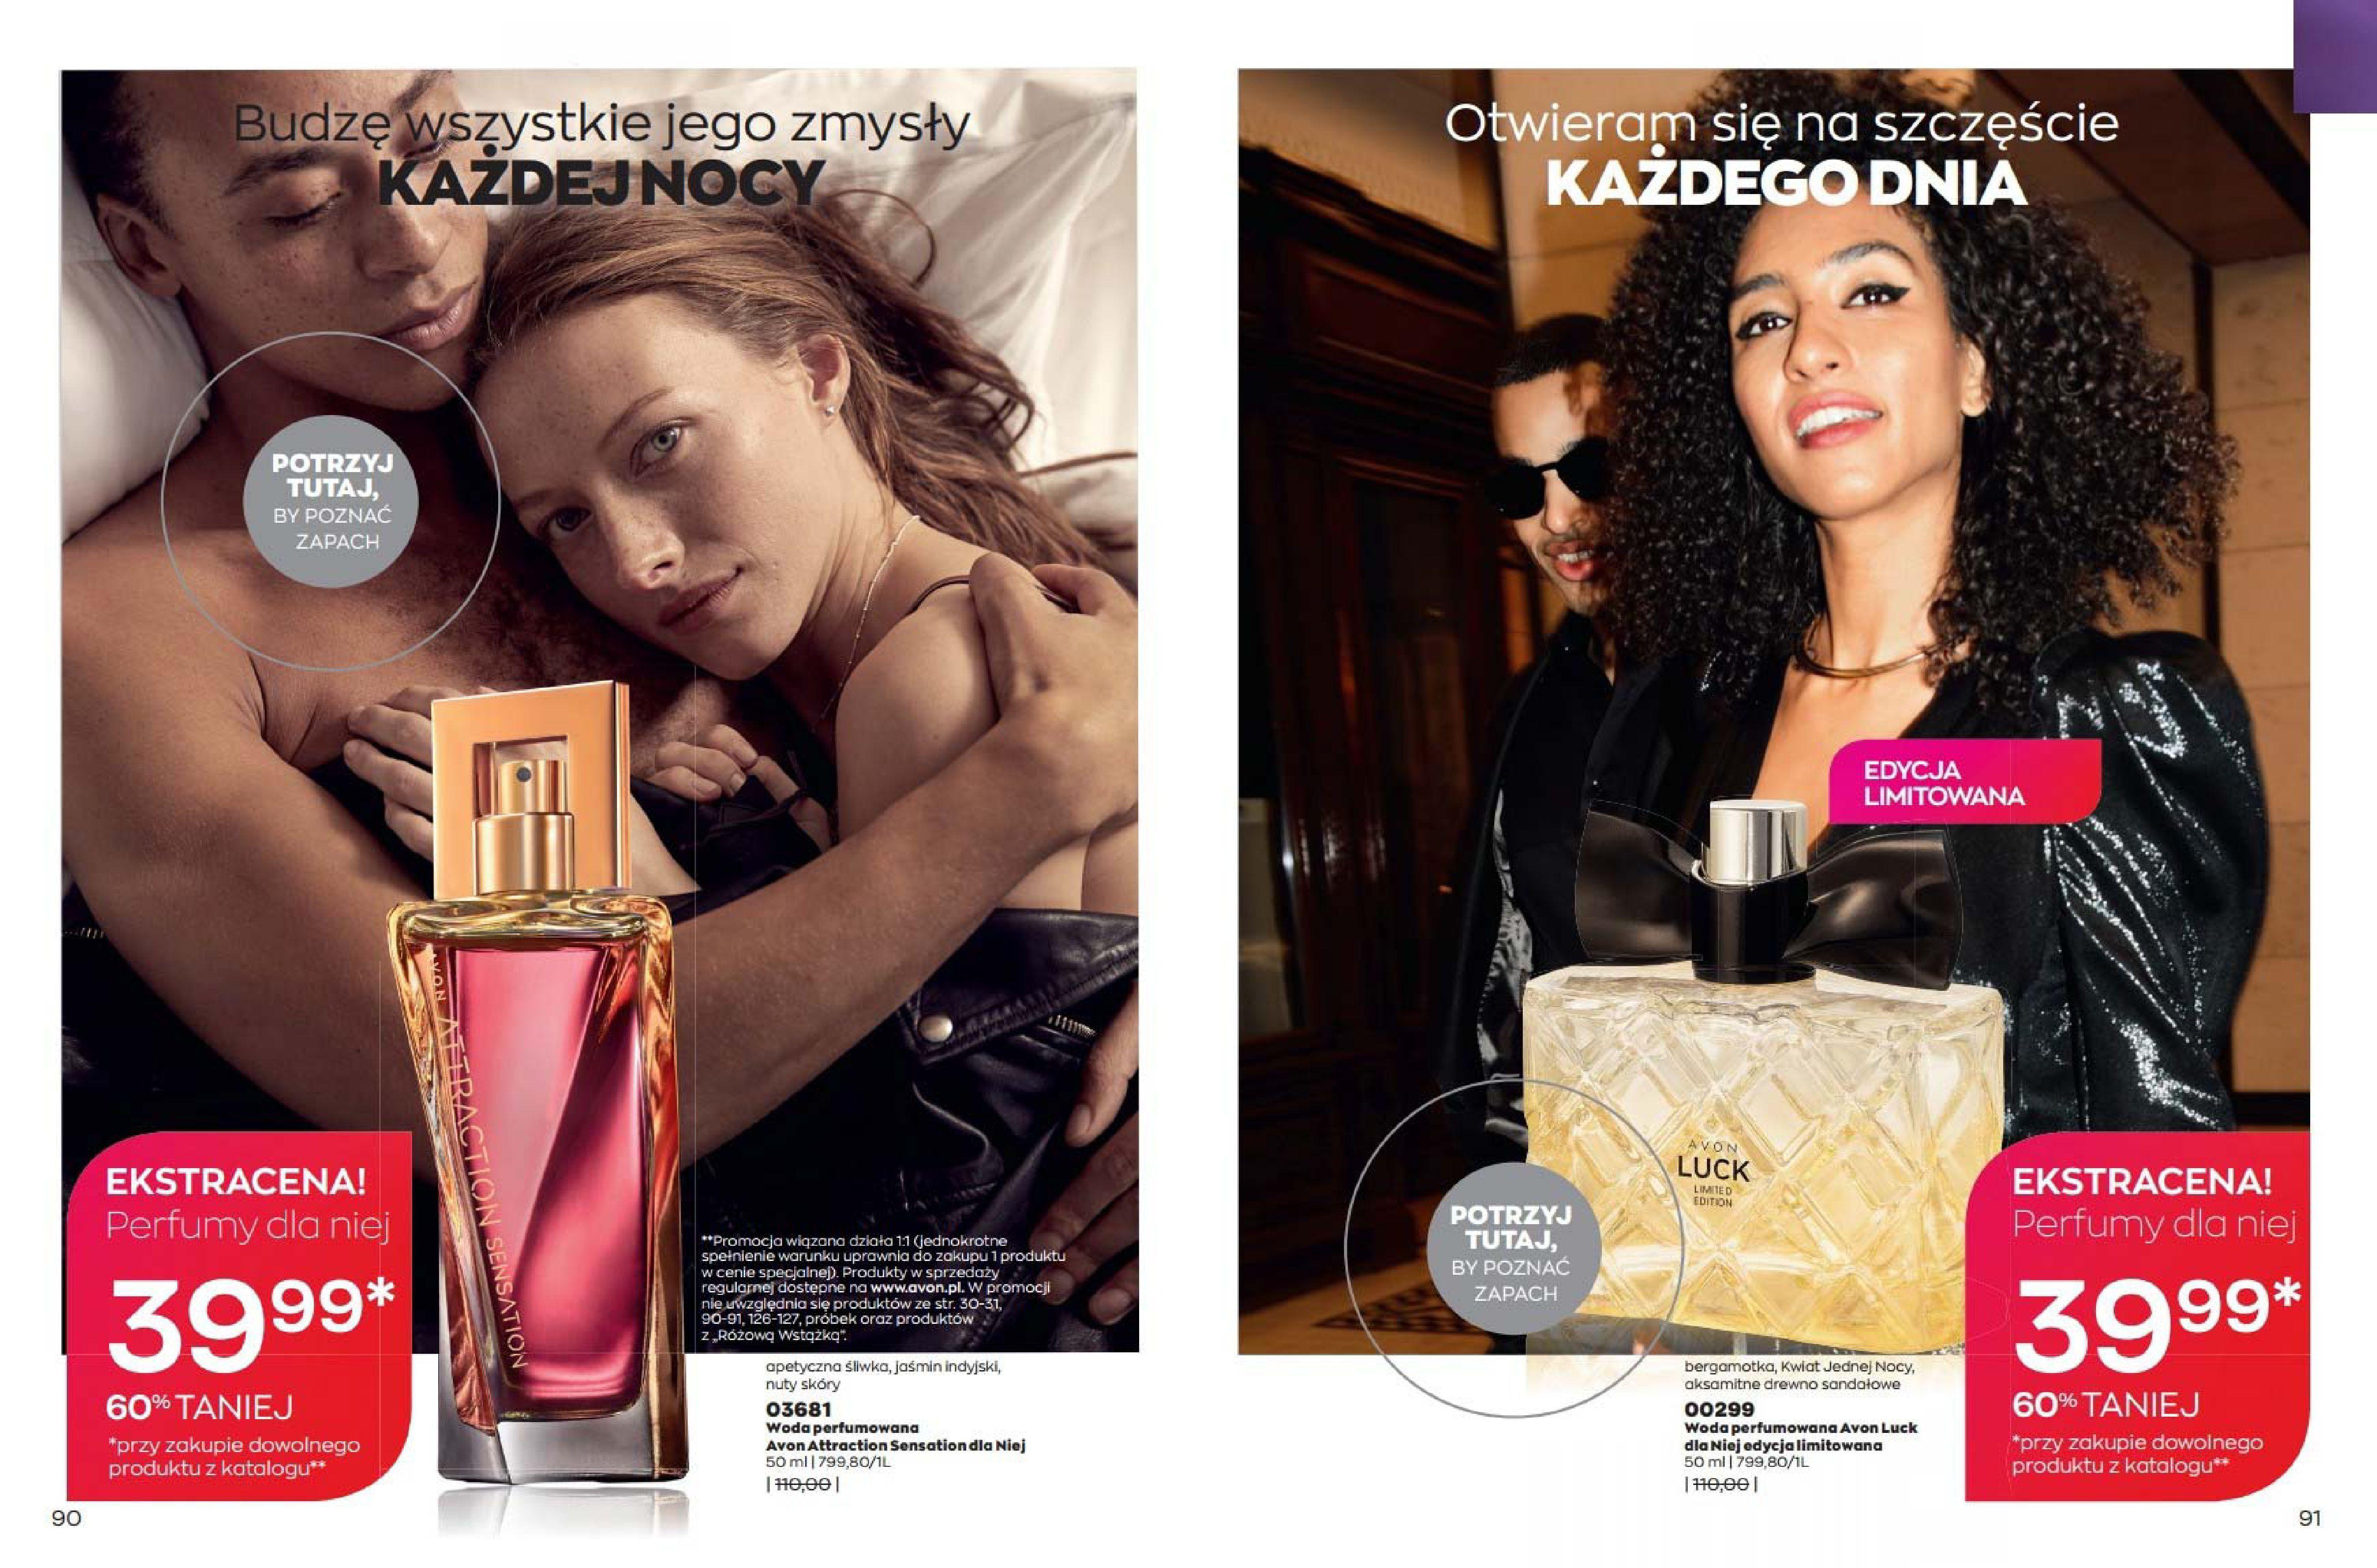 Gazetka Avon: Katalog Avon - Lipiec 2021 2021-07-01 page-46